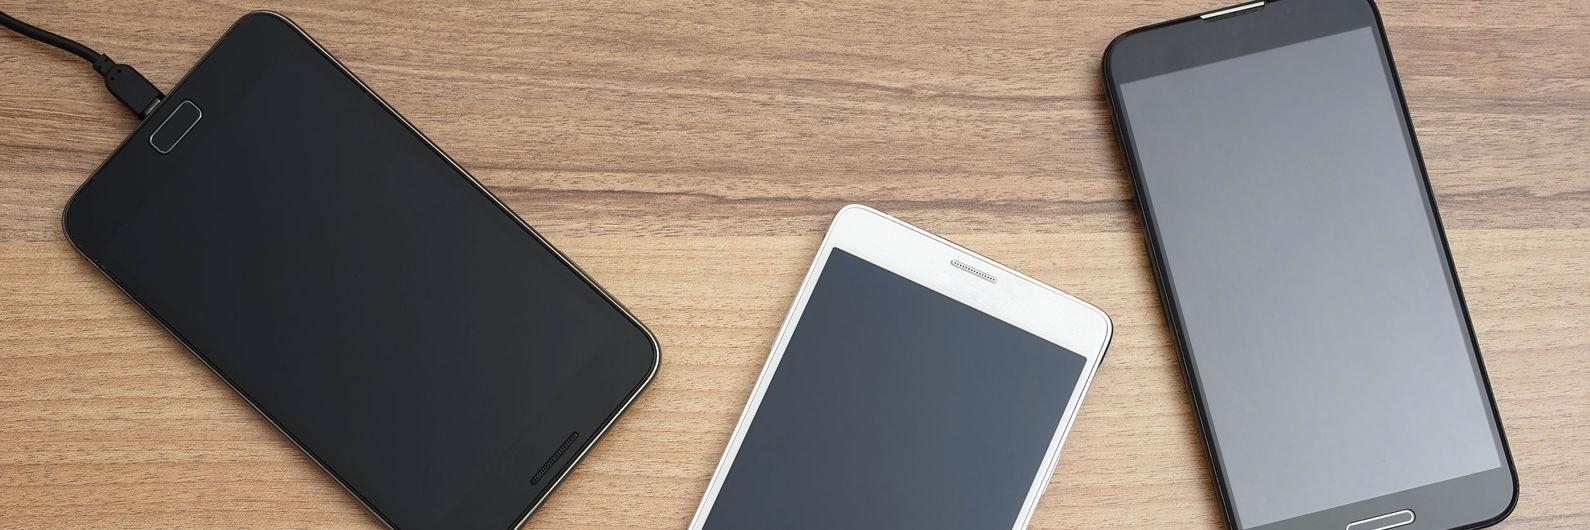 4 smartphones com funções de powerbank